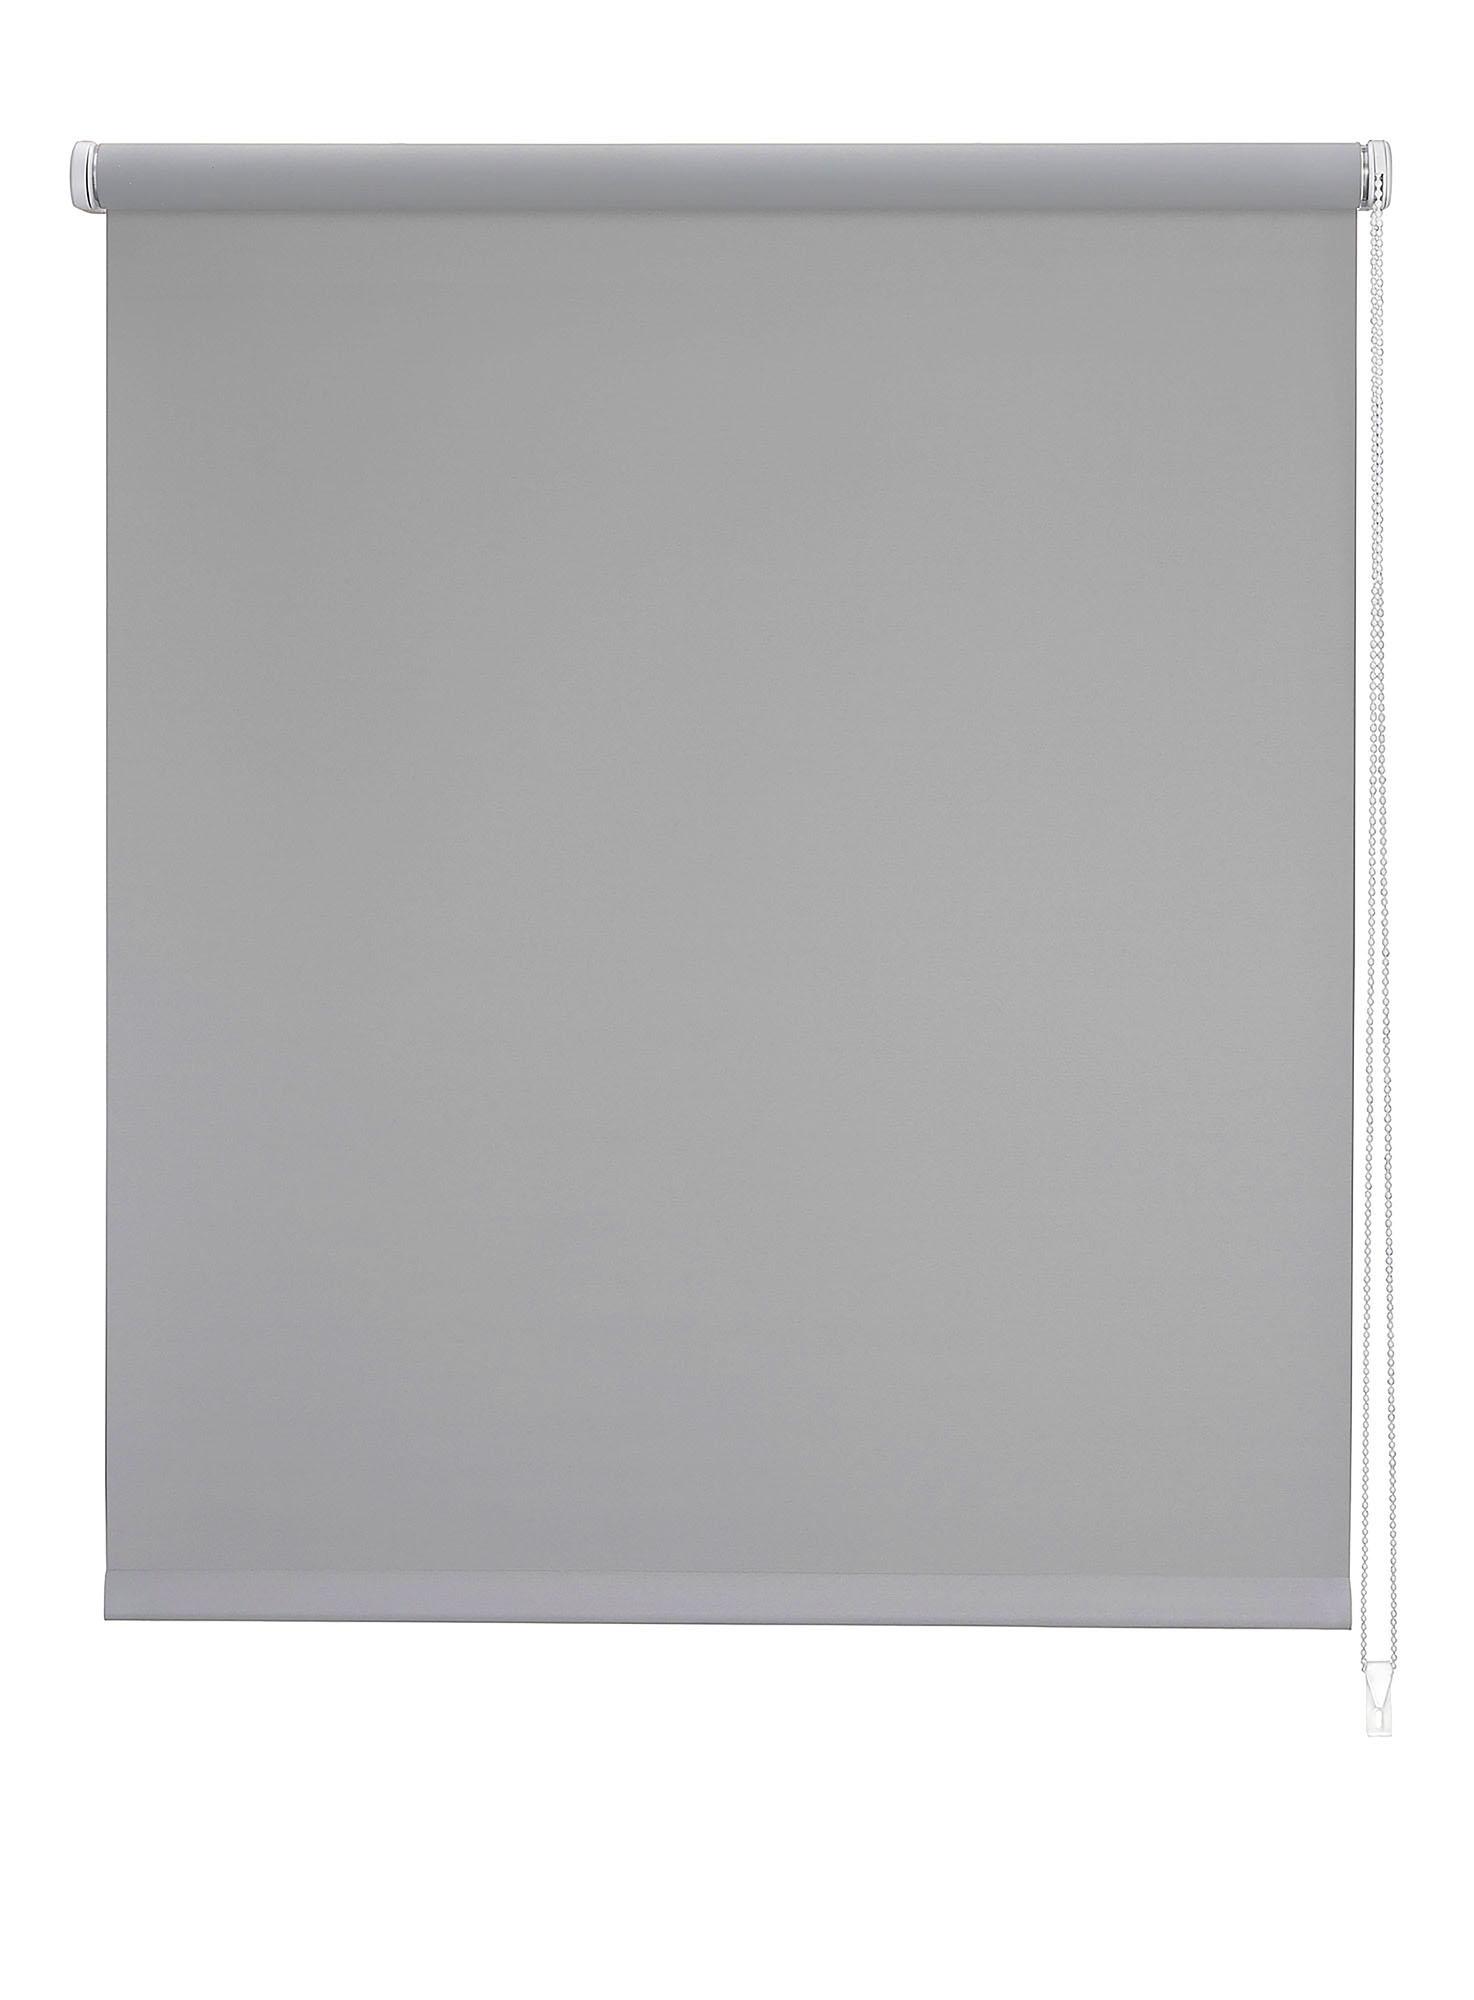 Store enrouleur Translucide - Gris - 120 x 250 cm